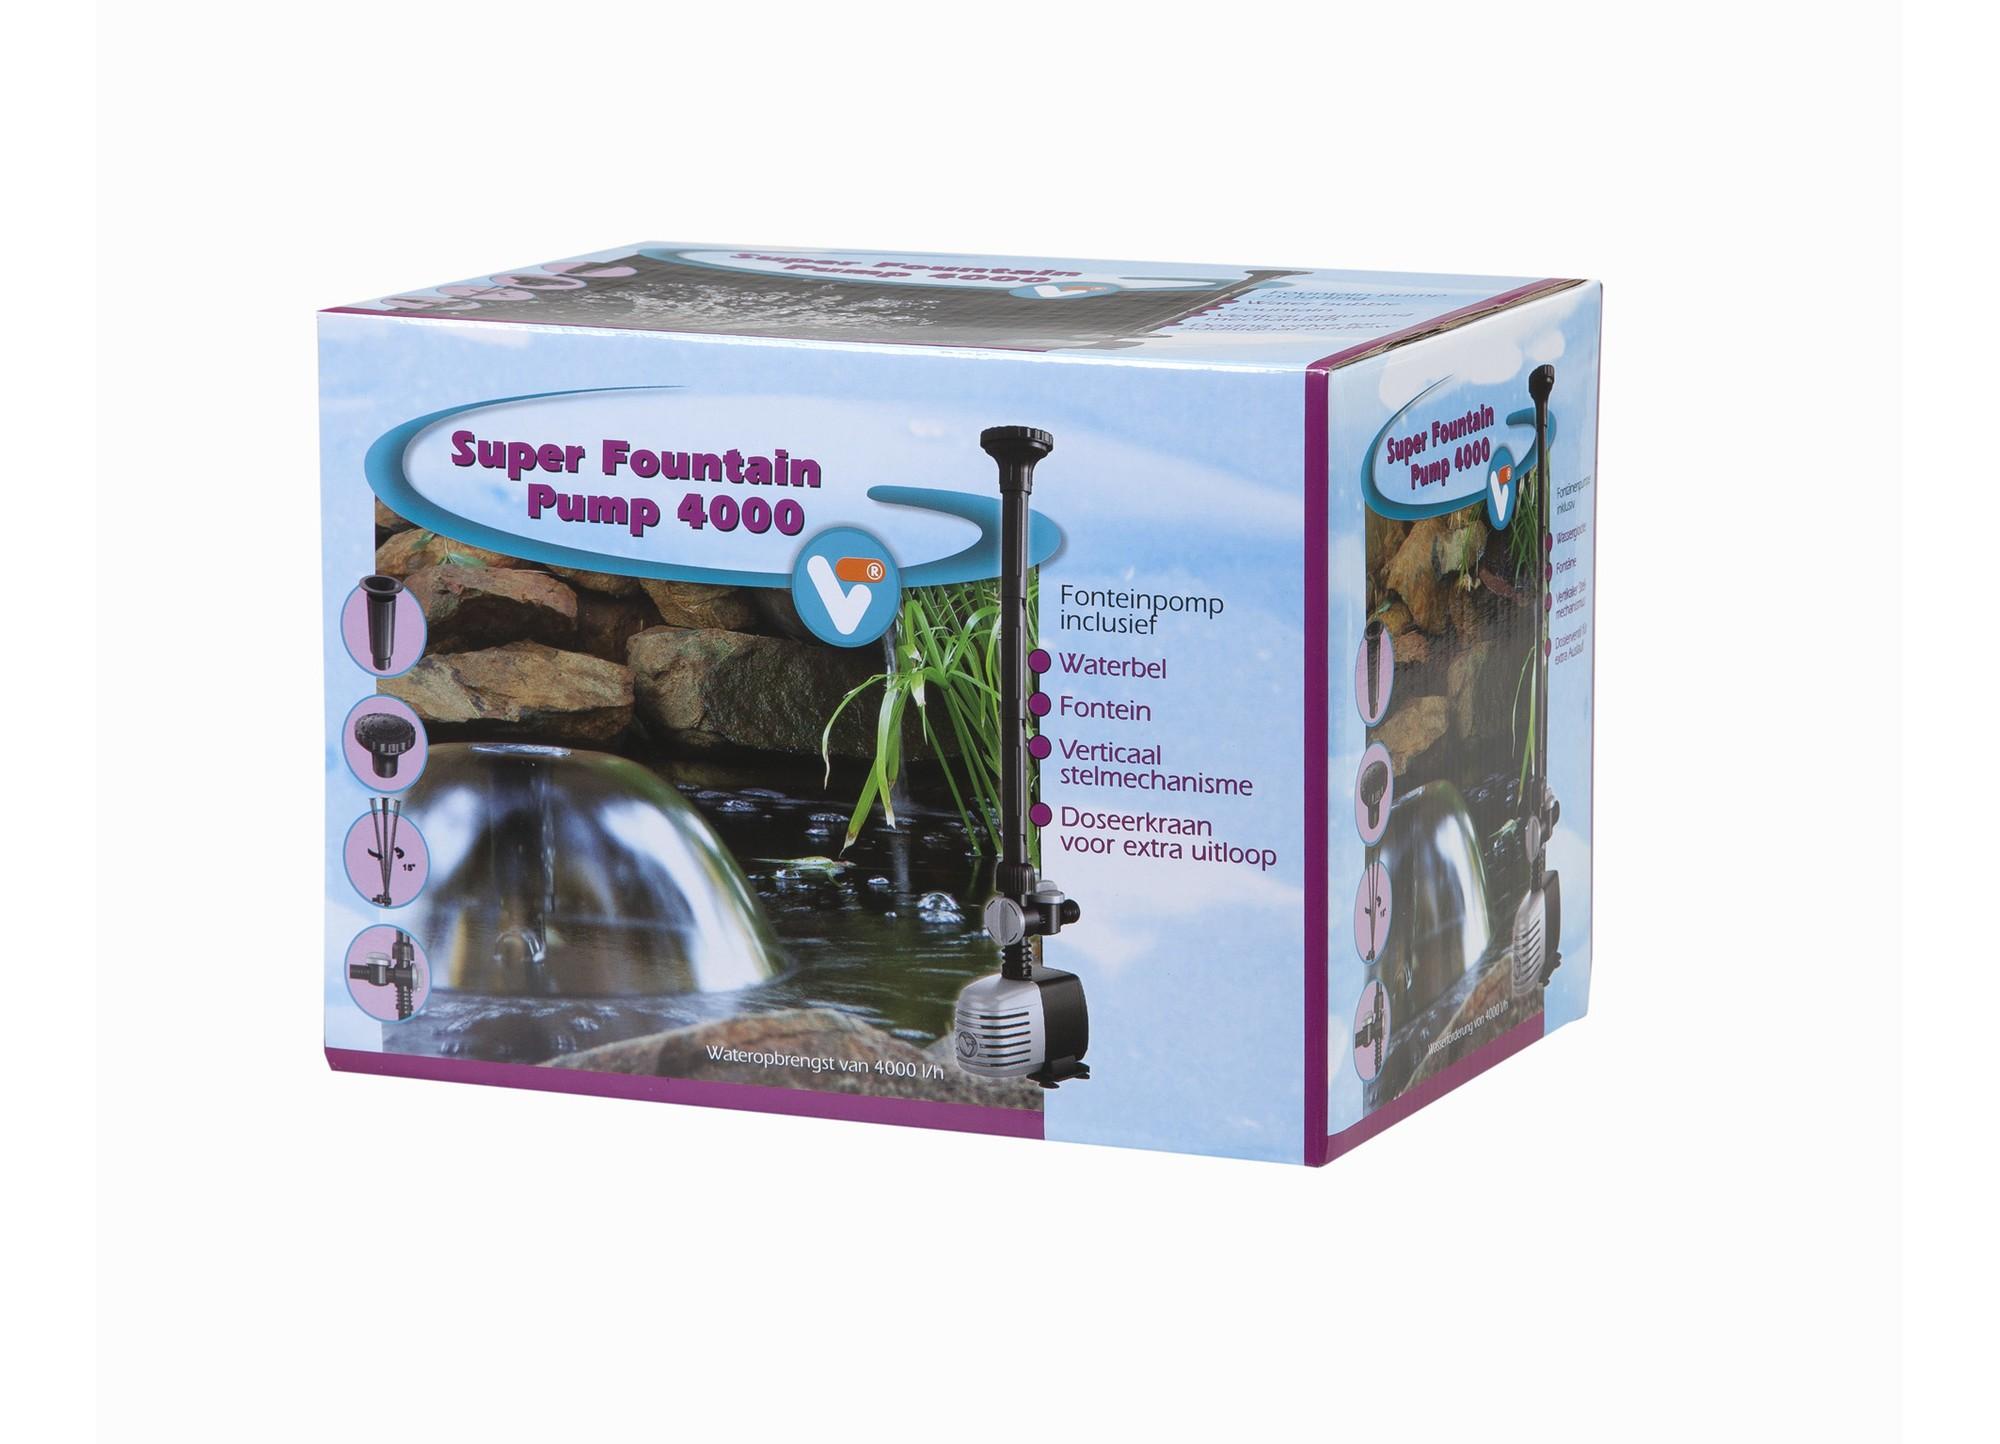 Fountain Pump 4000